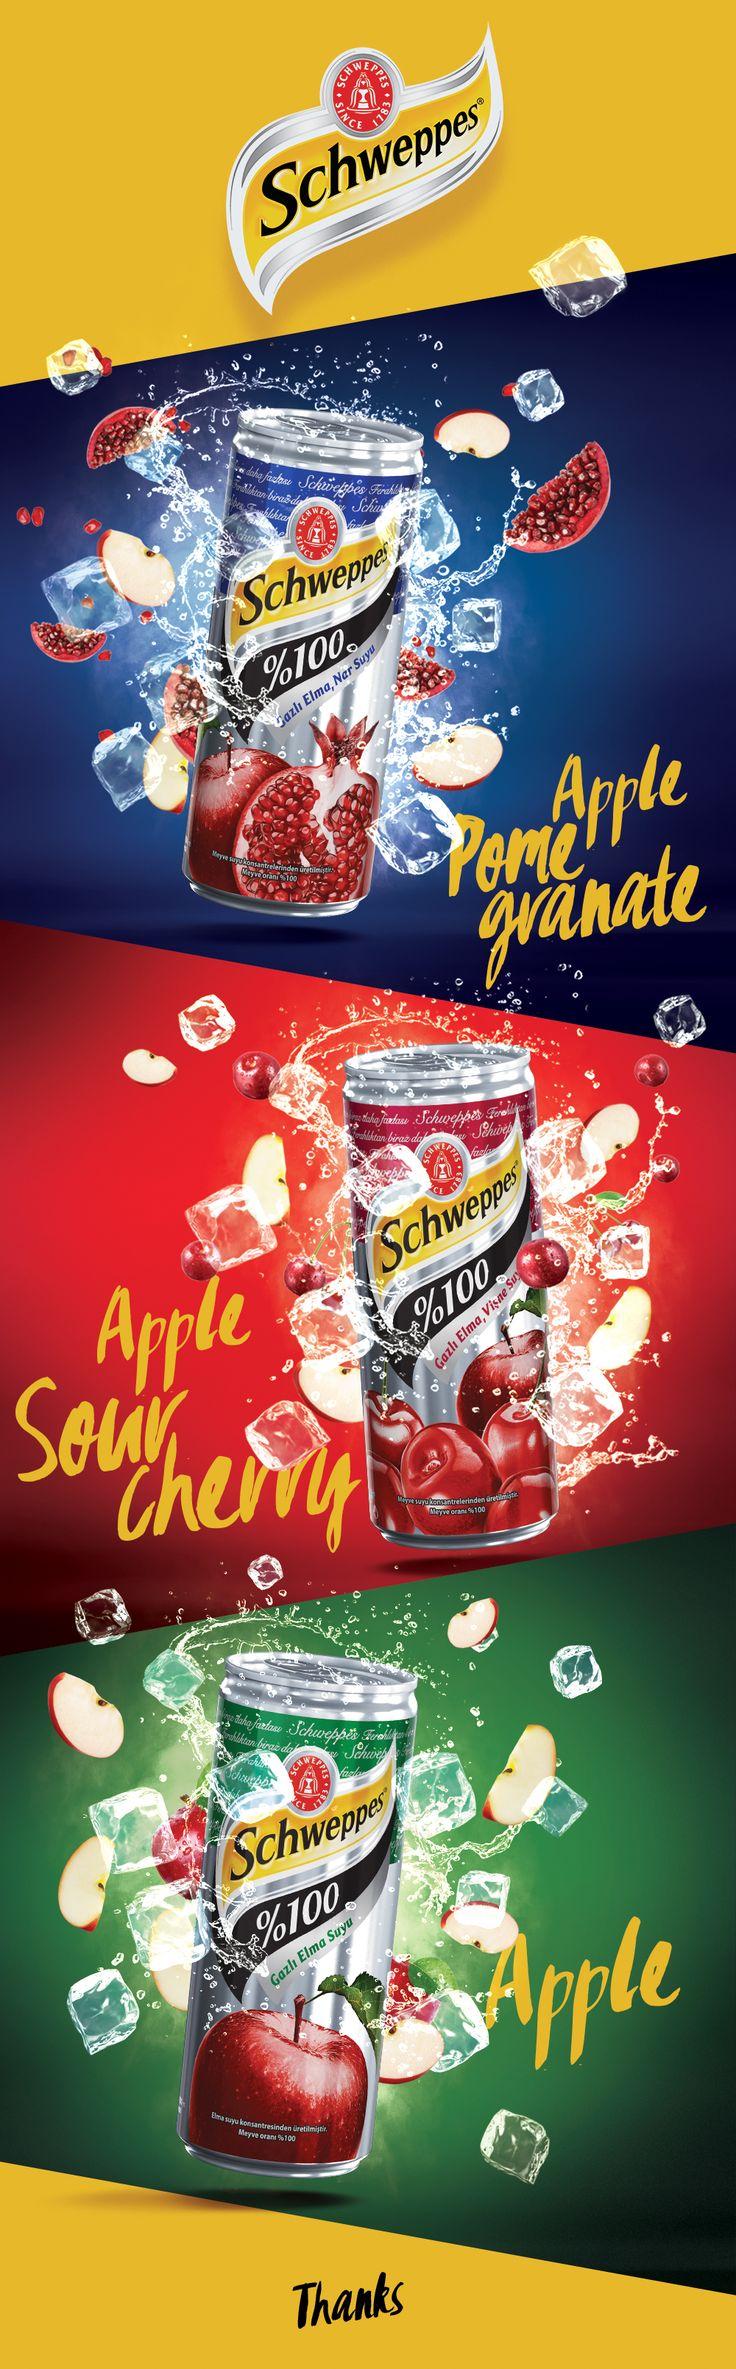 Schweppes Sparkling 100% Fruit Juice on Behance